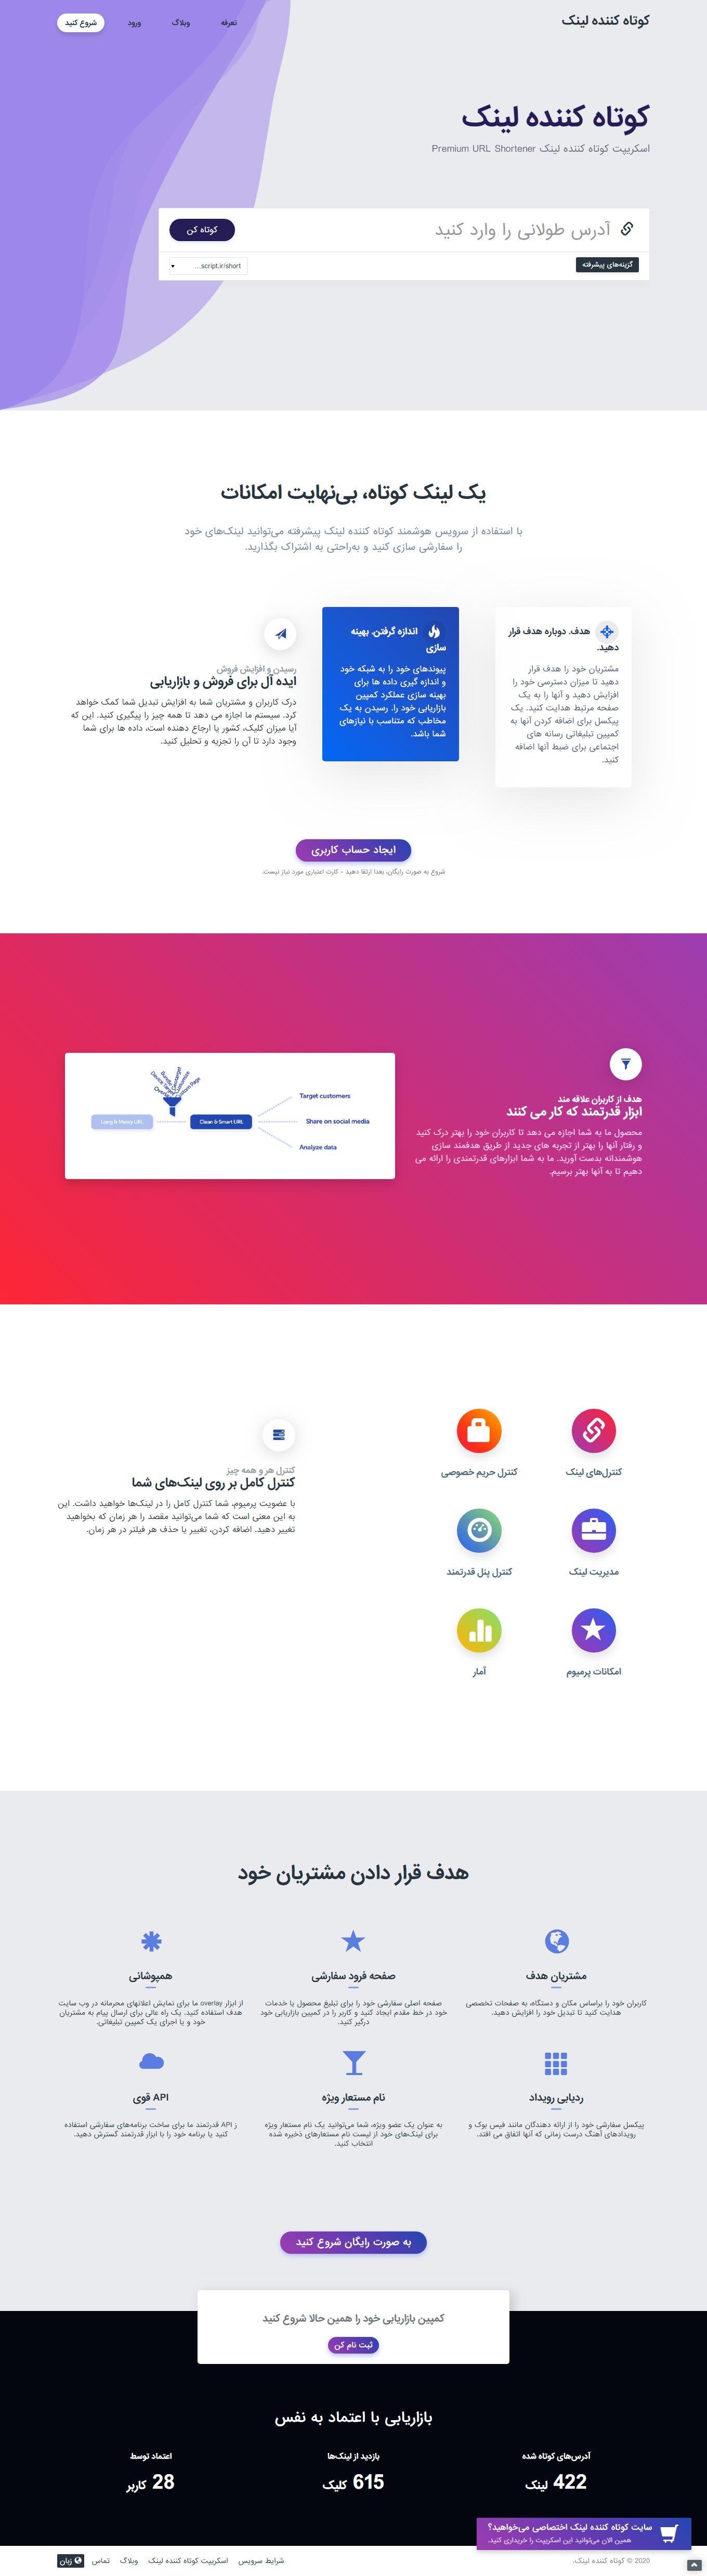 اسکریپت Premium URL Shortener | اسکریپت کوتاه کننده لینک | اسکریپت کوتاه کننده لینک Premium URL Shortener